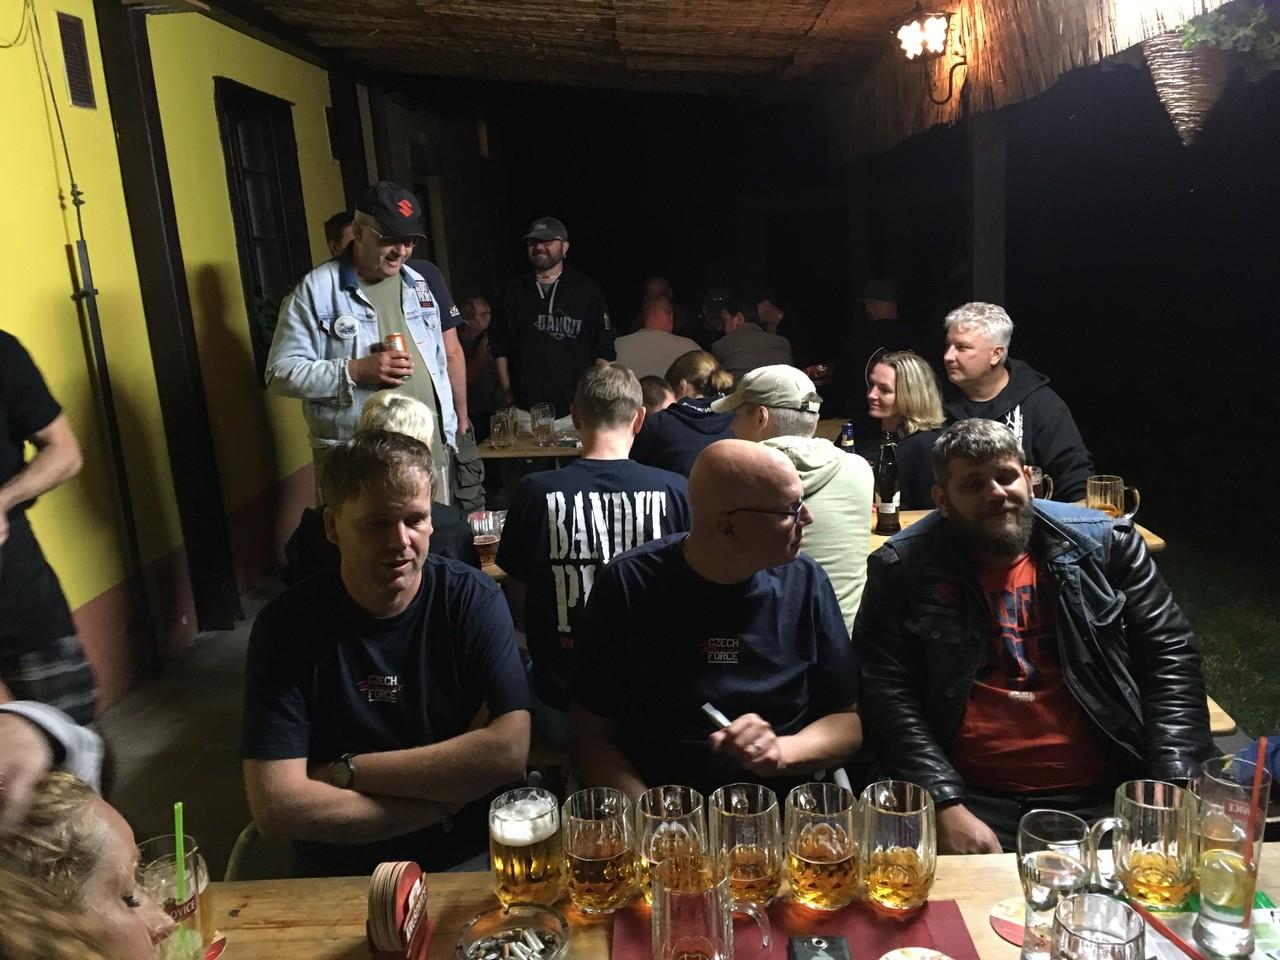 http://suzukibandit.cz/openforum/uploads/3733_mlejn-2018-01s.jpg